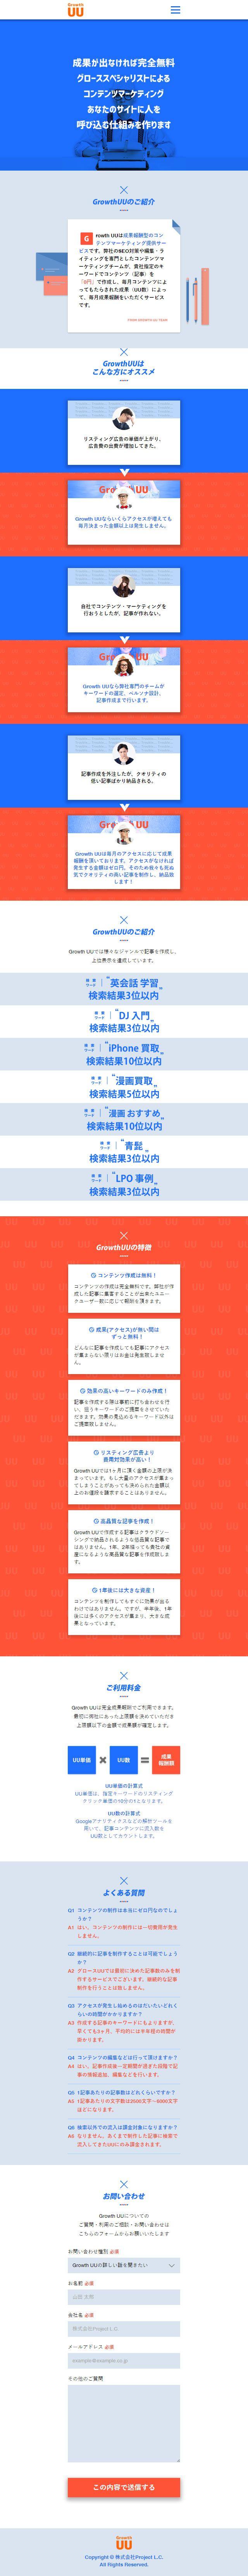 完全成果報酬型コンテンツマーケティング【インターネットサービス関連】のLPデザイン。WEBデザイナーさん必見!スマホランディングページのデザイン参考に(かっこいい系)